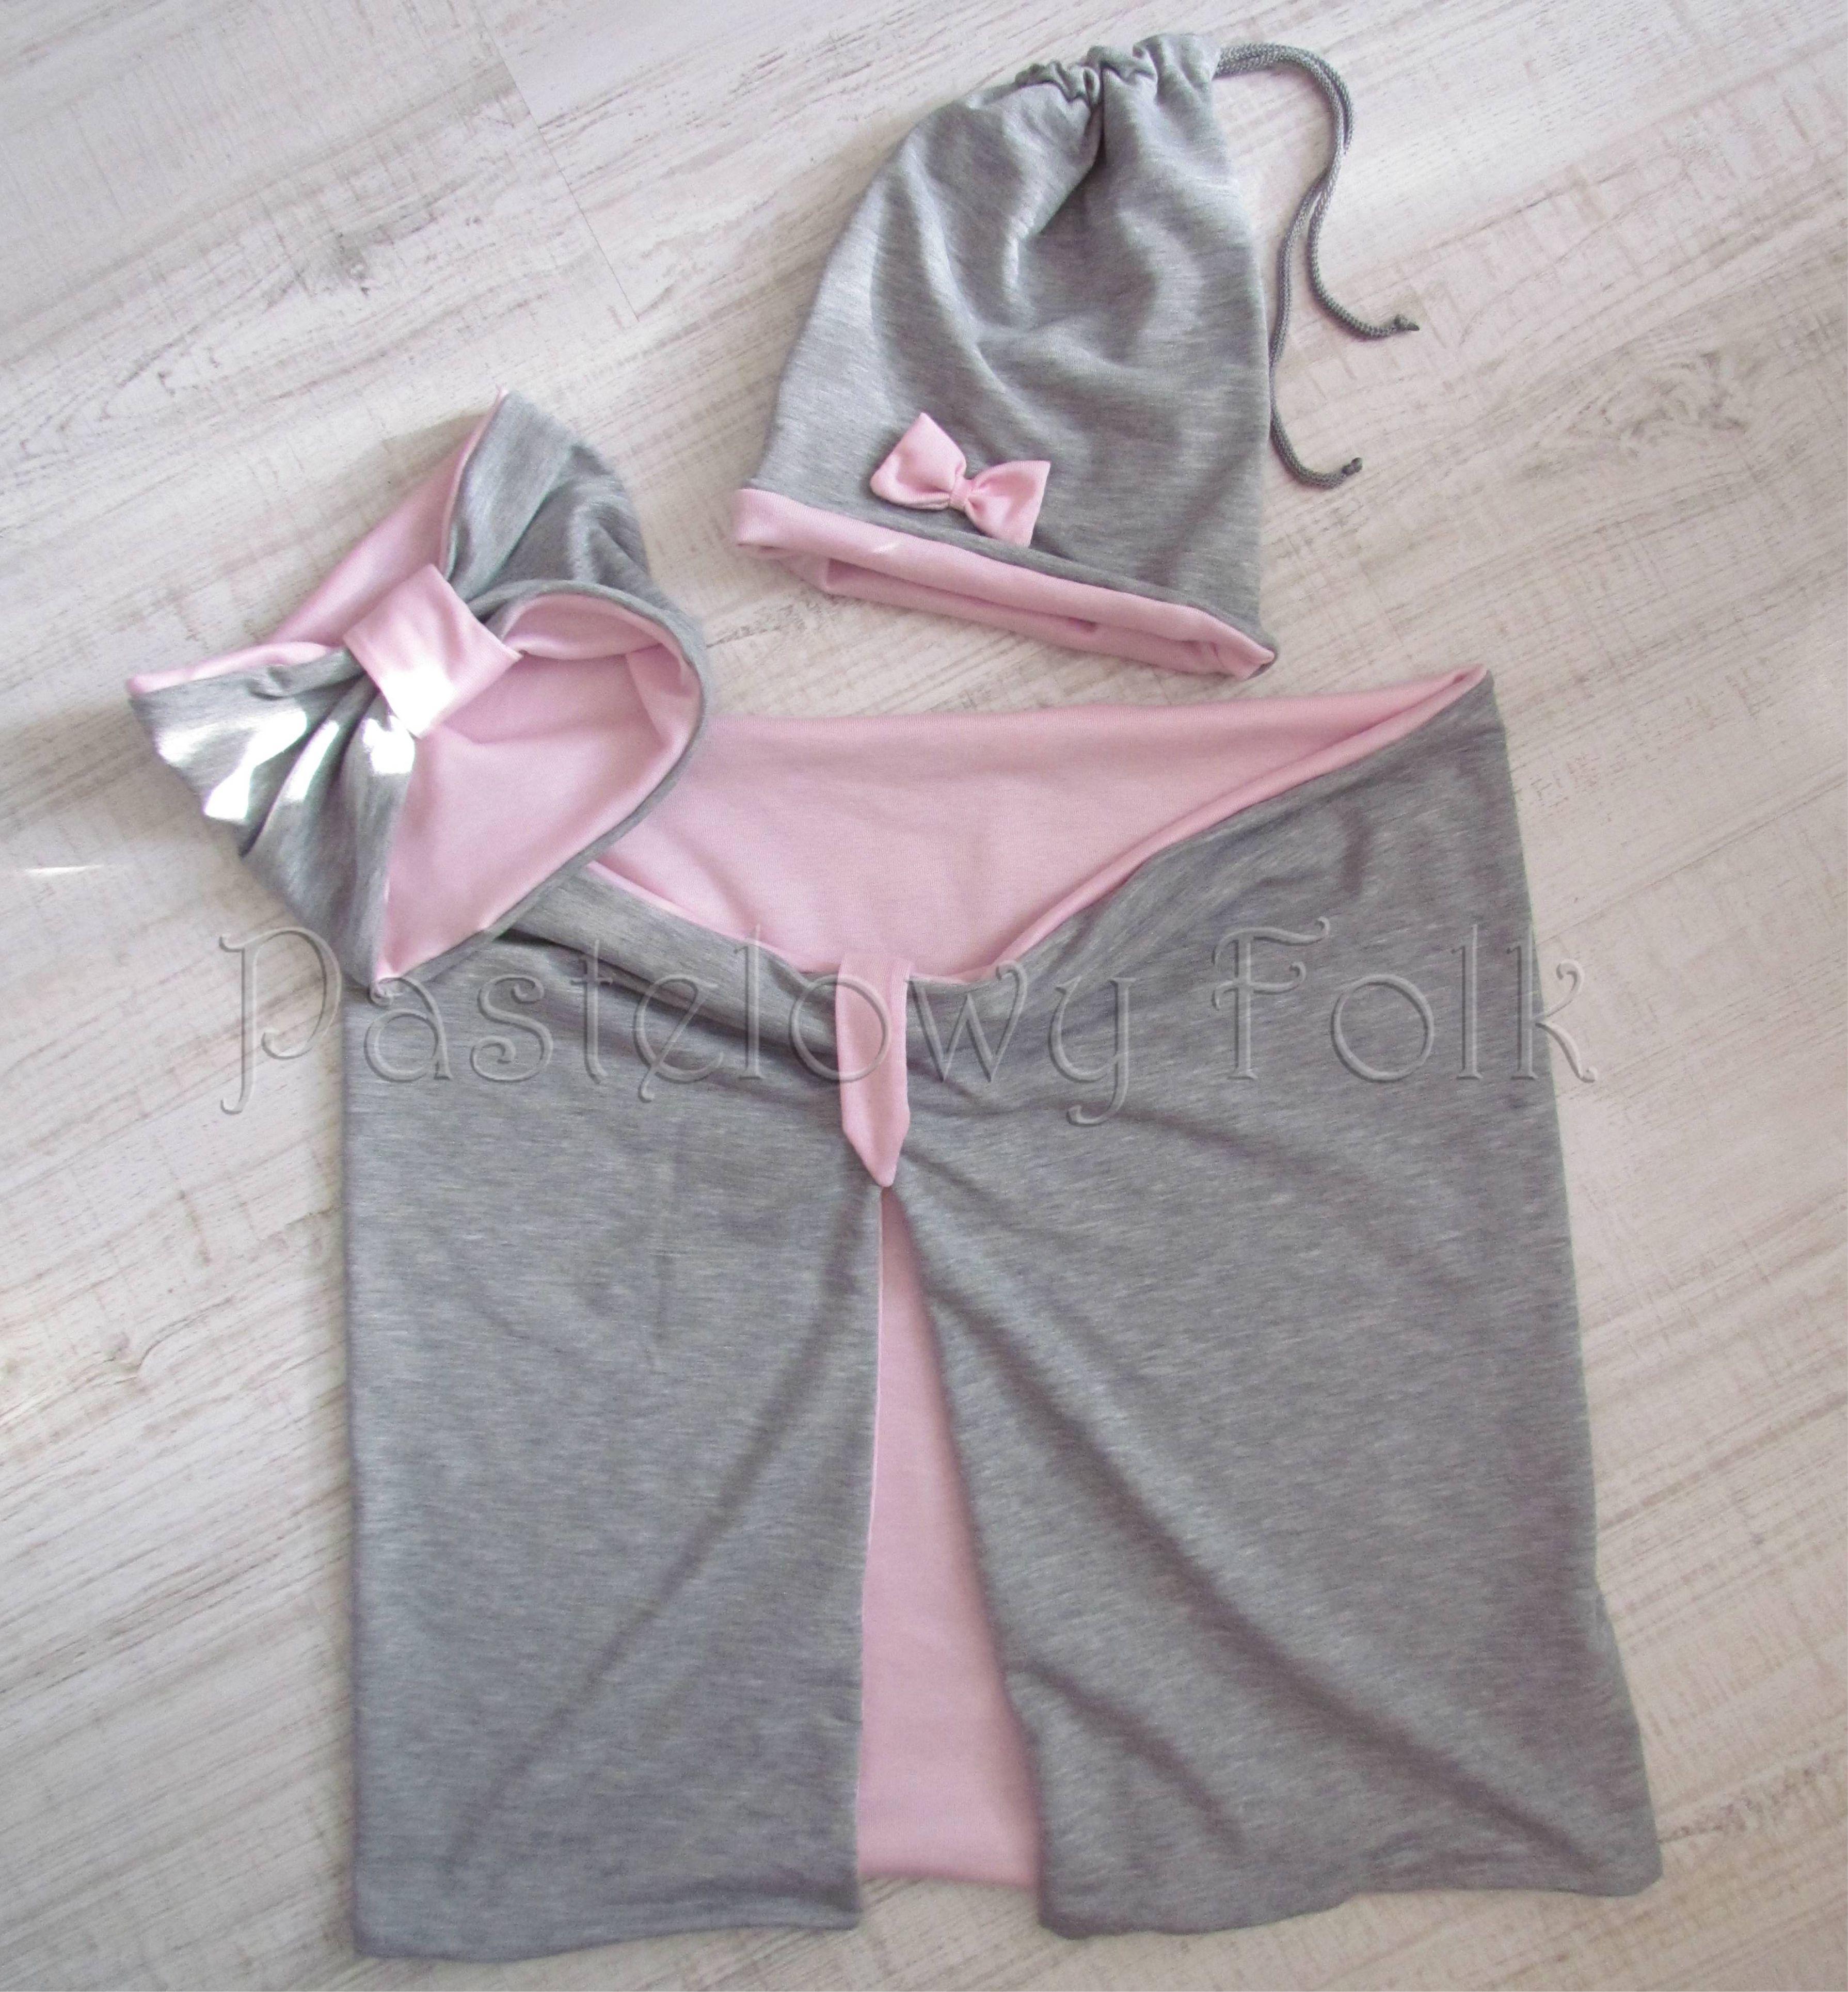 d3e82f9cfb3de8 ... dziecko-opaska chustka komin dla dziewczynki 16-retro pastelowa szara  różowa dzianinowa wiosenna jesienna